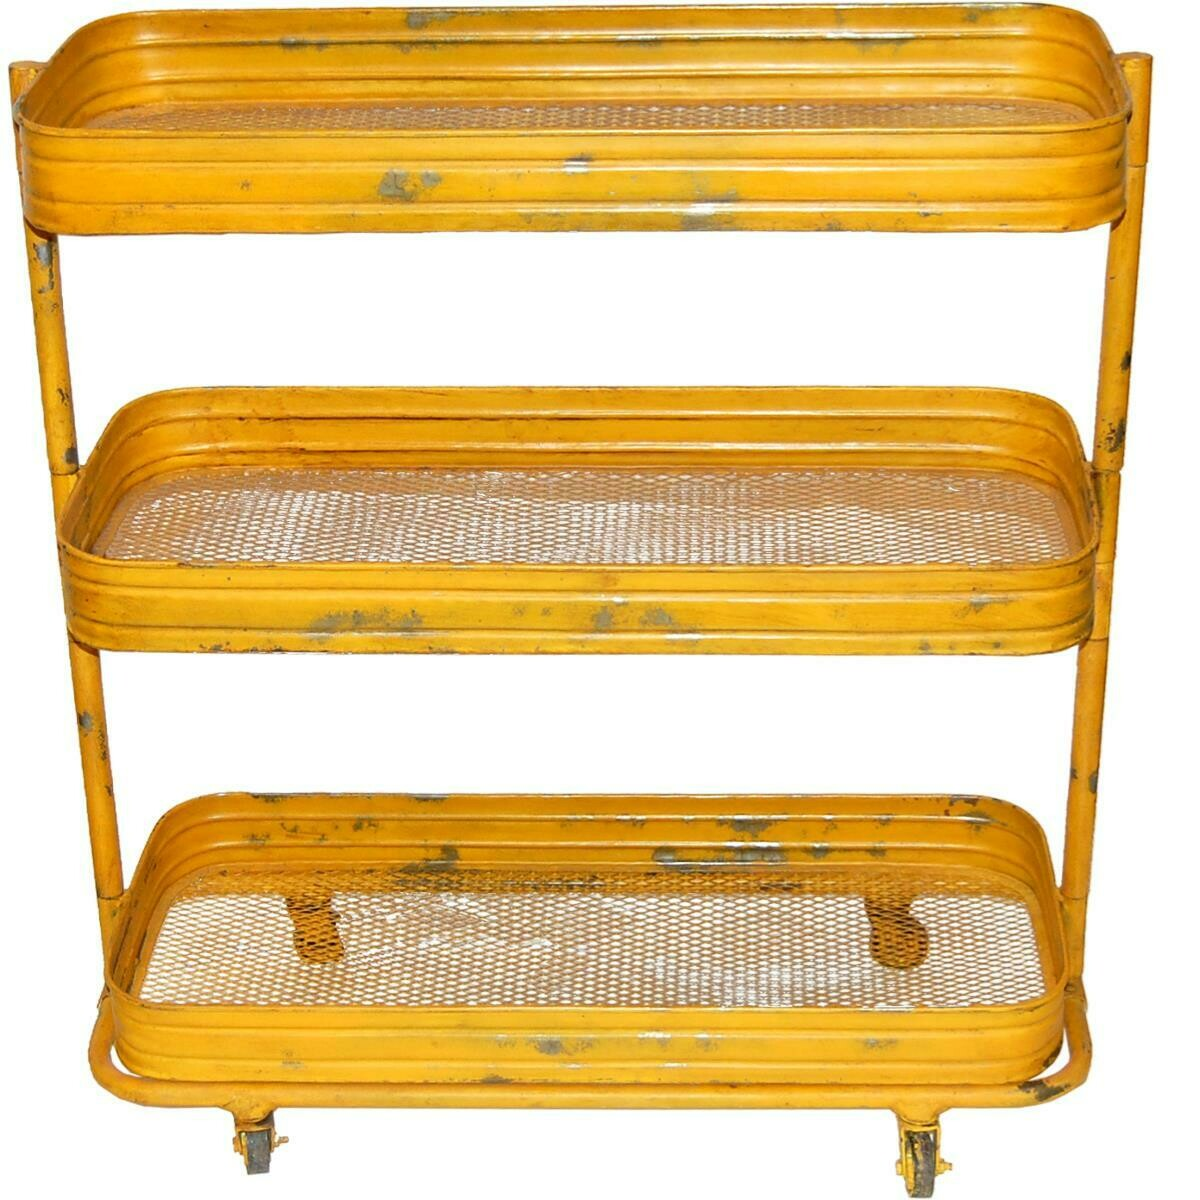 Trademark Living Rullebord - Antikgul med patina